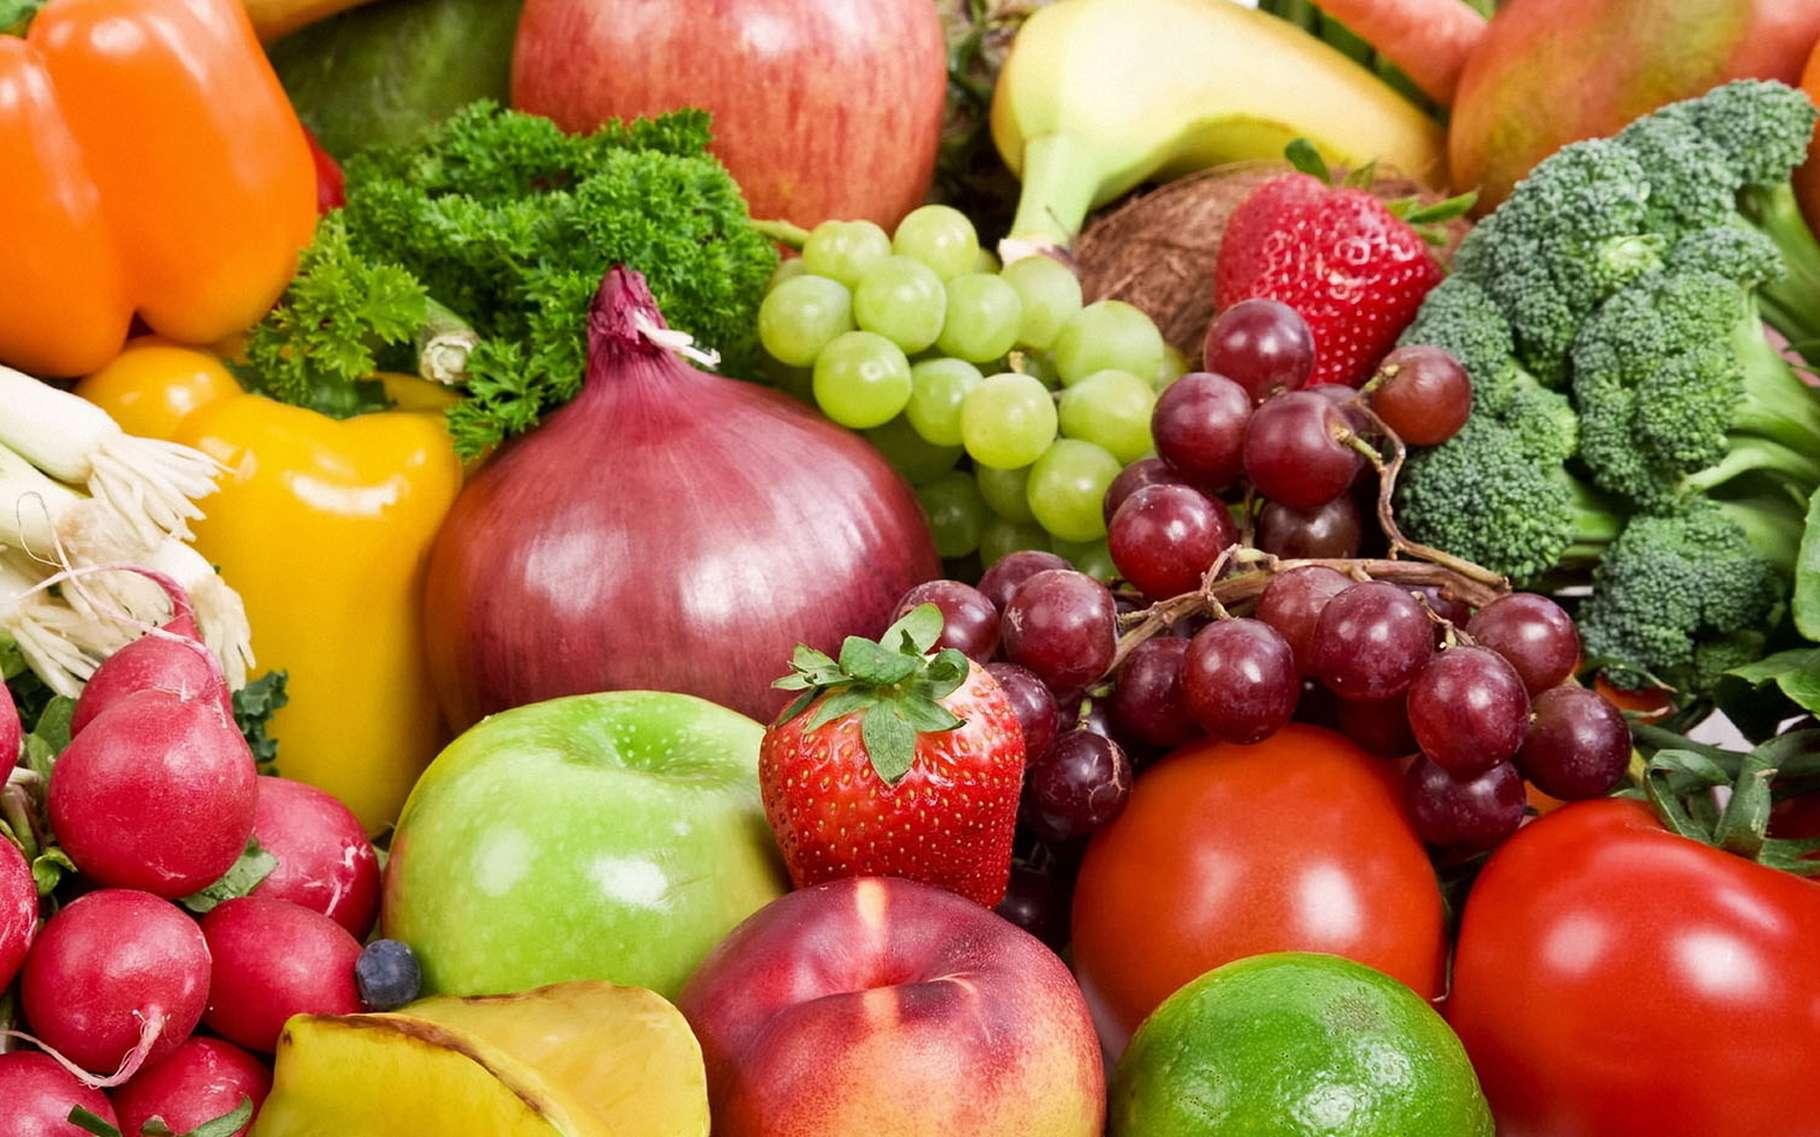 Le végétarisme est une pratique alimentaire qui exclut la consommation de chair animale. © Michael Stern, Wikimedia commons, CC 2.0